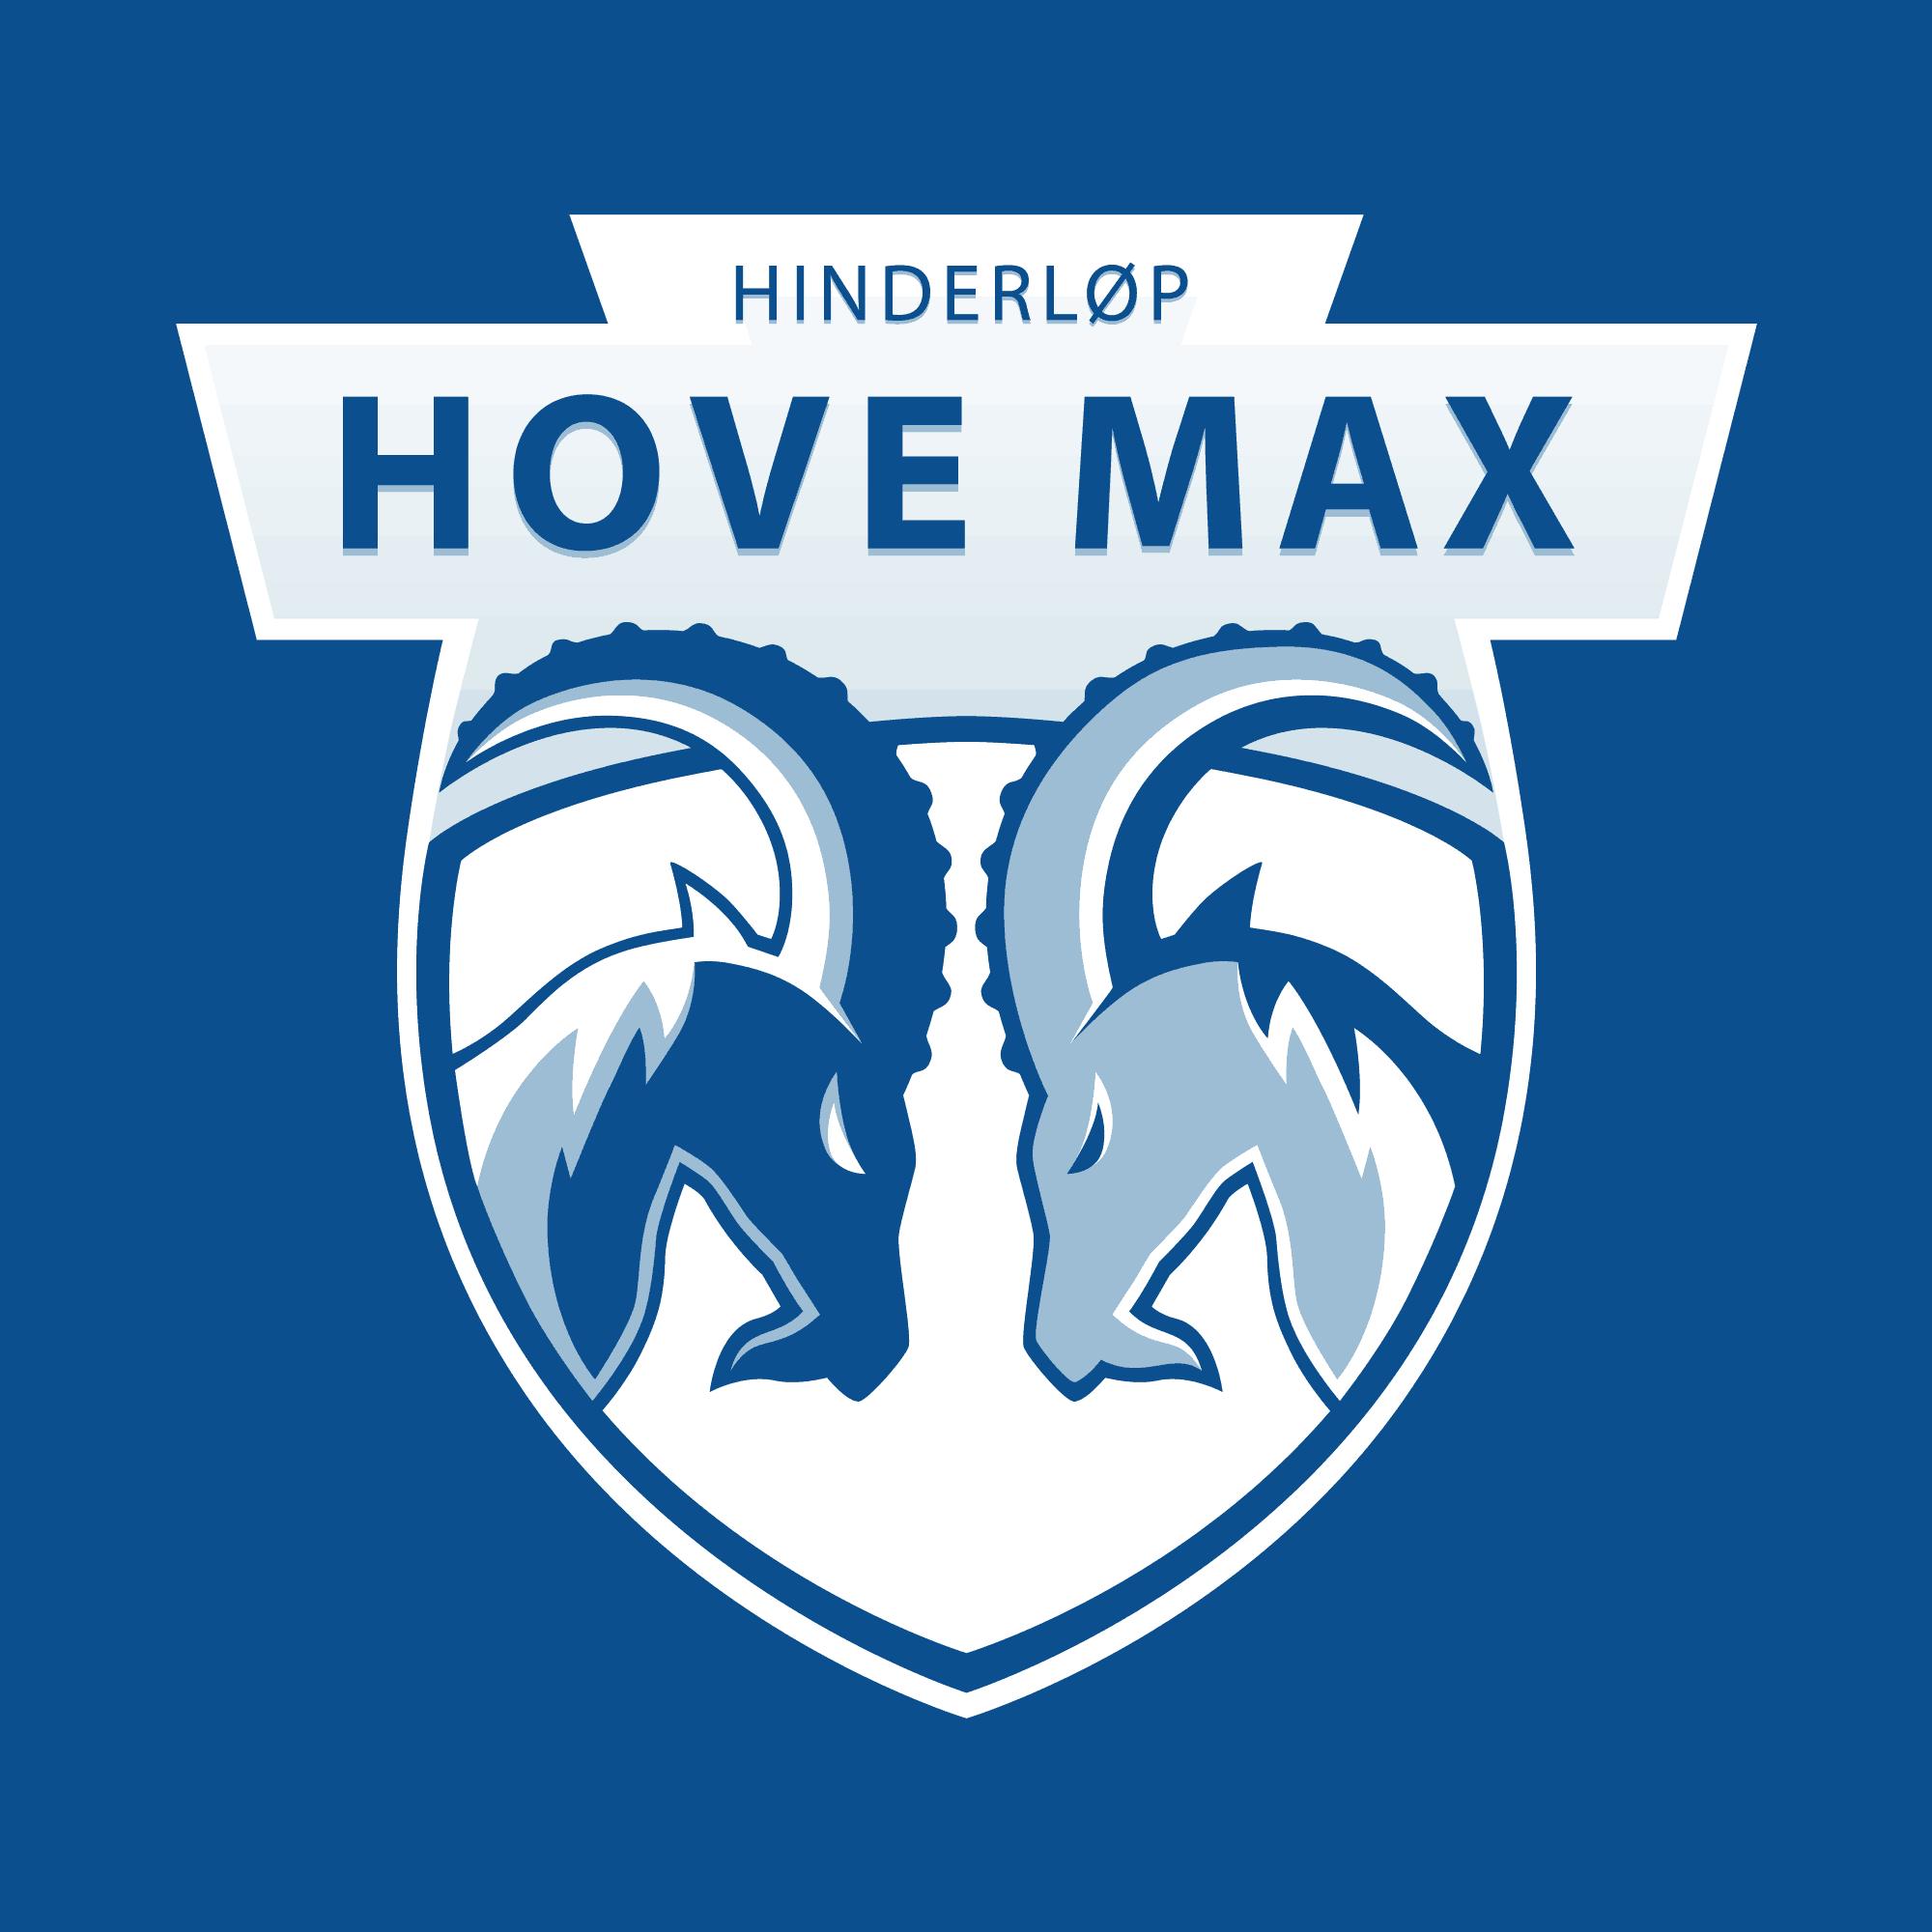 Hove Max